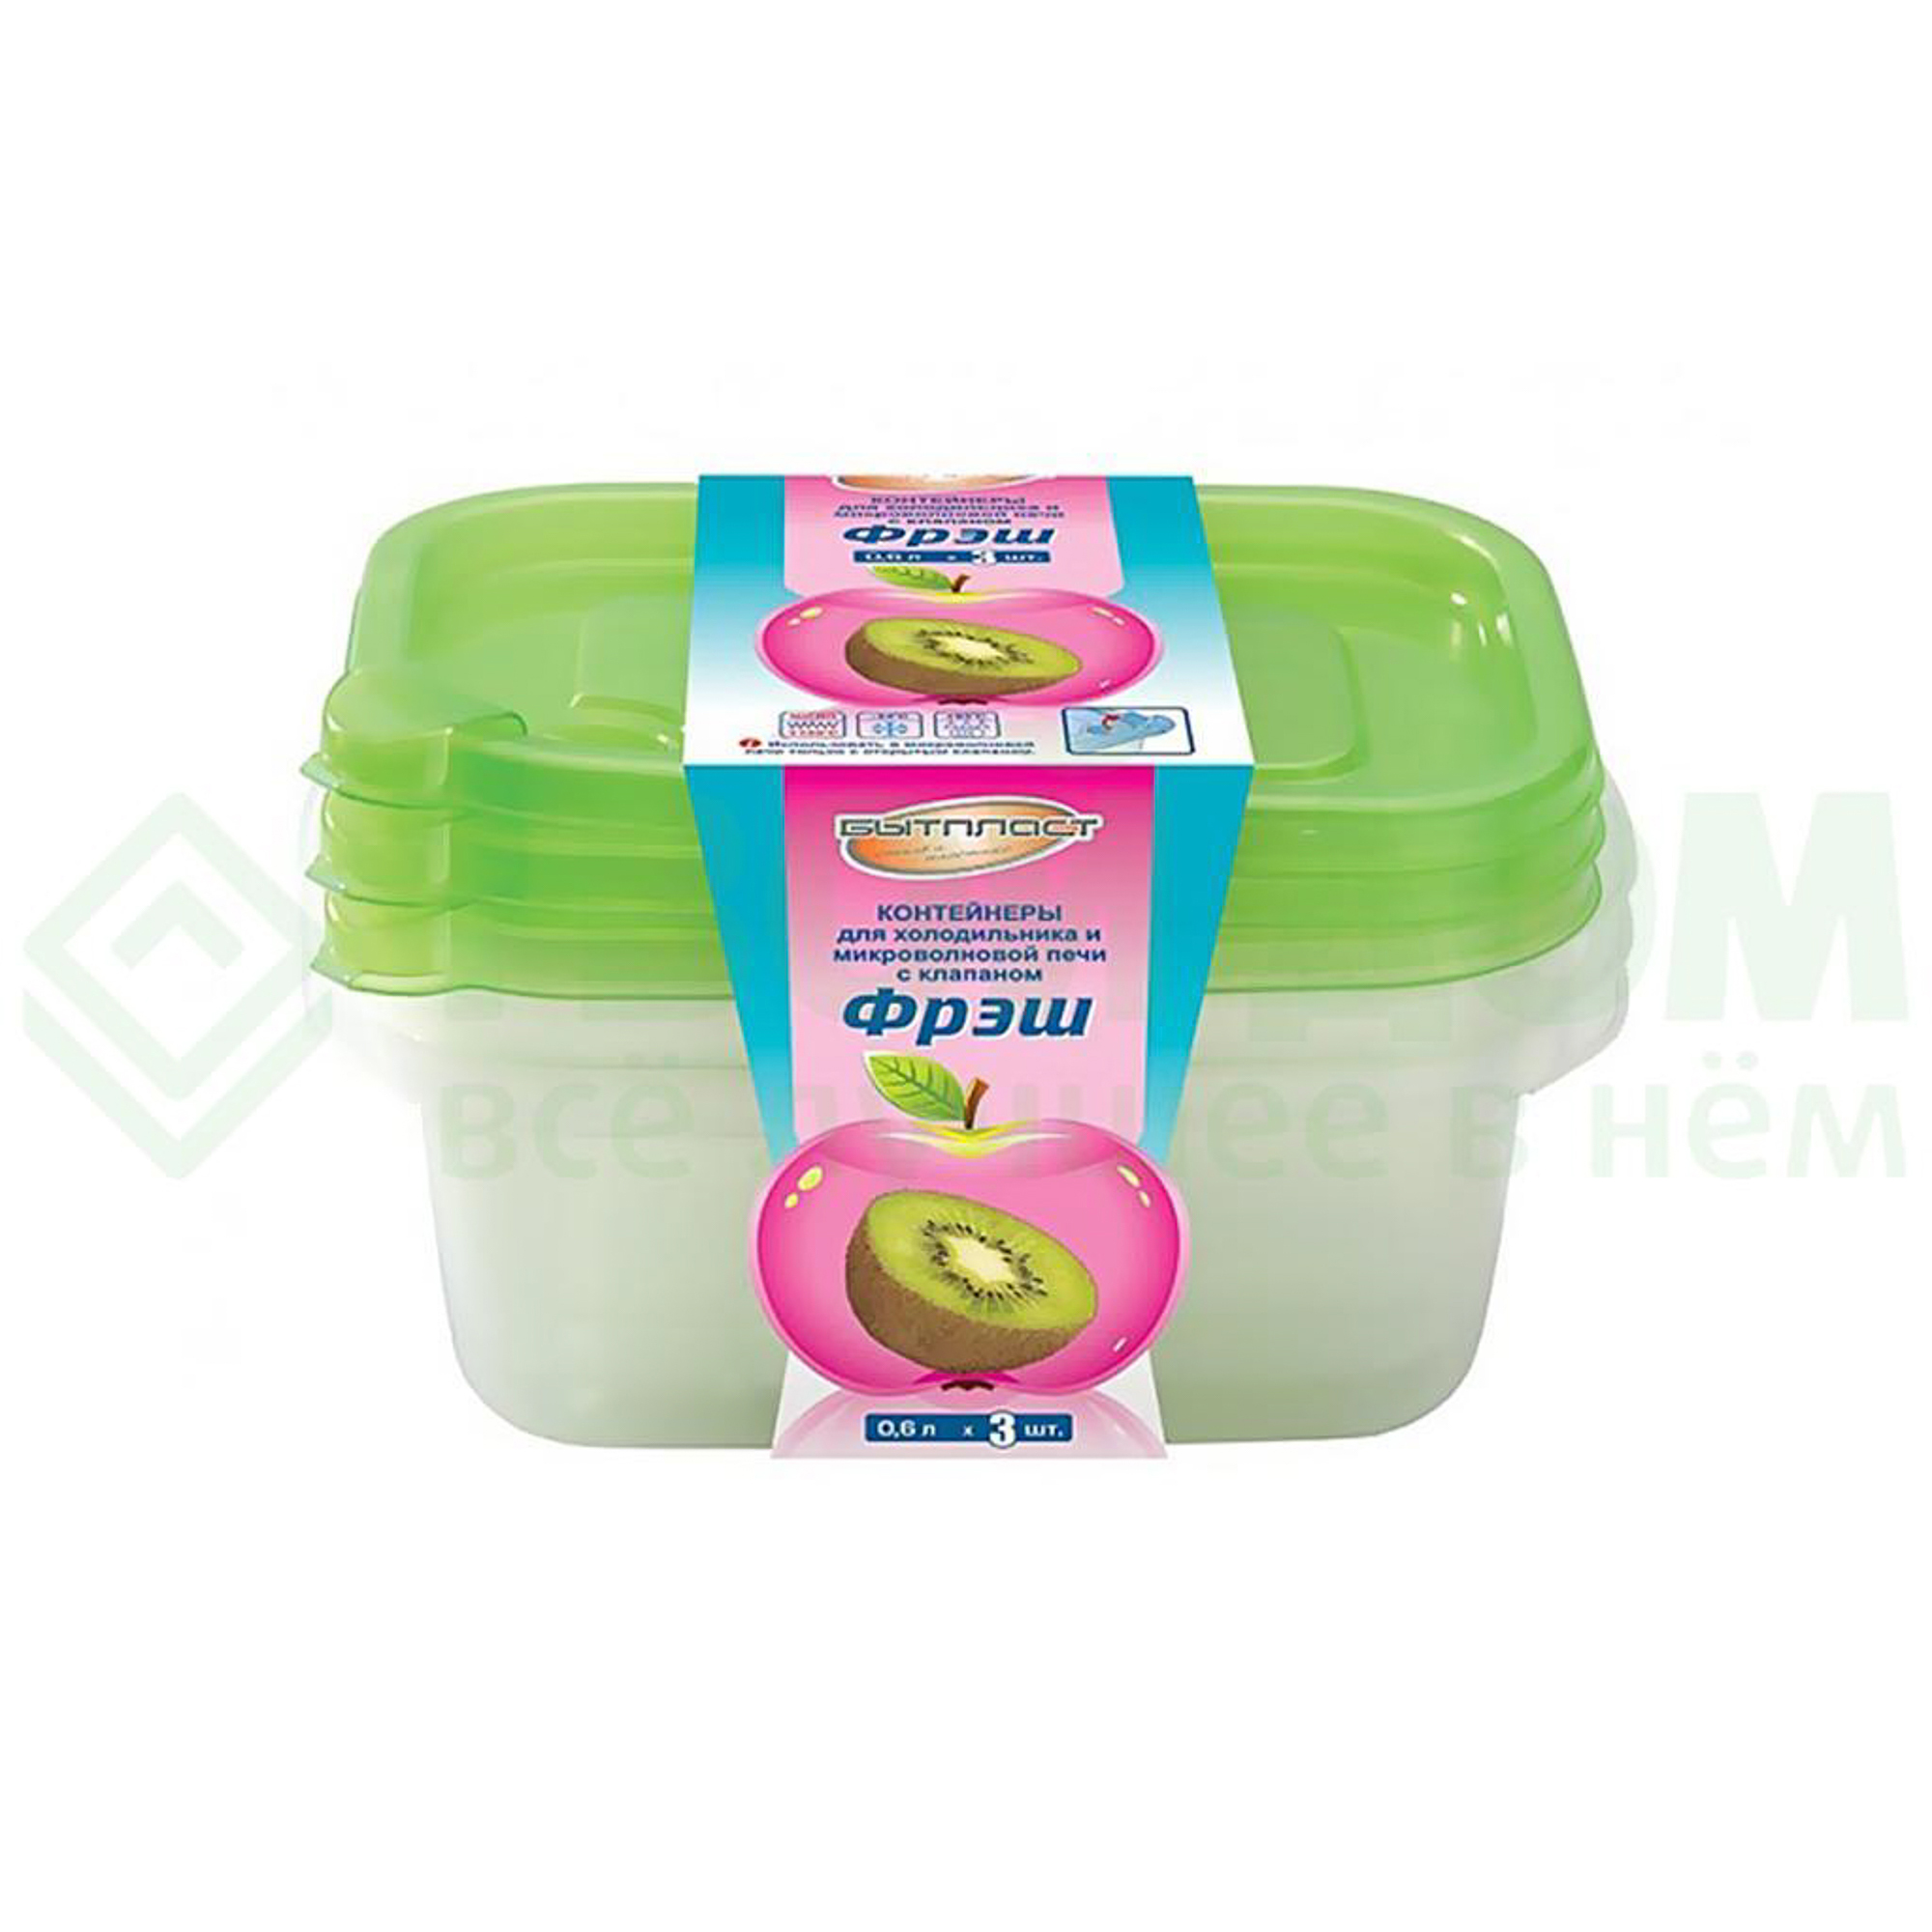 Купить Набор контейнеров Phibo 3х0.75л (4311522), Россия, светло-зеленый, полипропилен